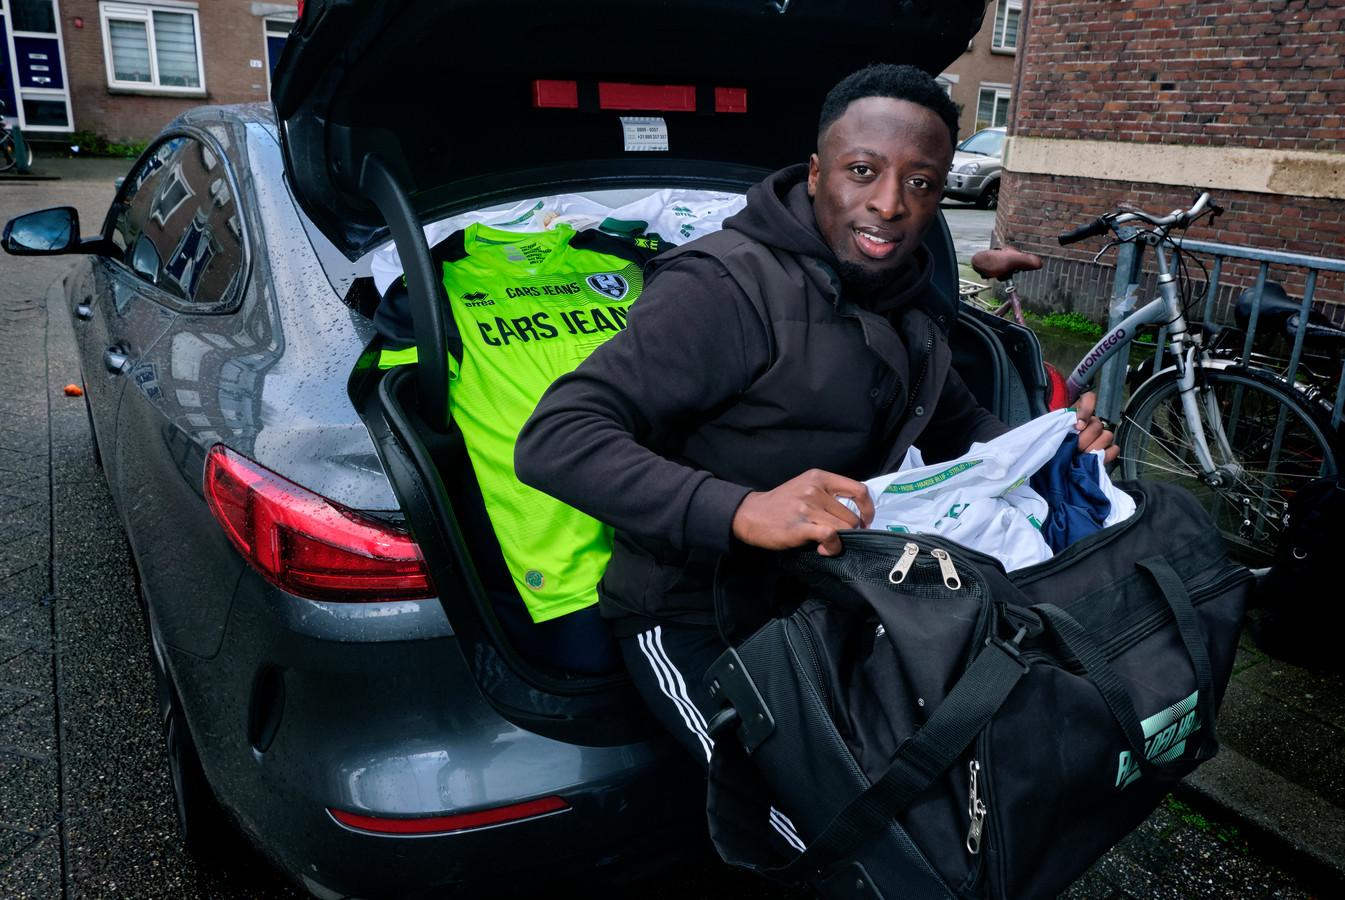 Voetballer Robin Polley met een achterbak en sporttassen vol voetbalshirts, bestemd voor Ghana.